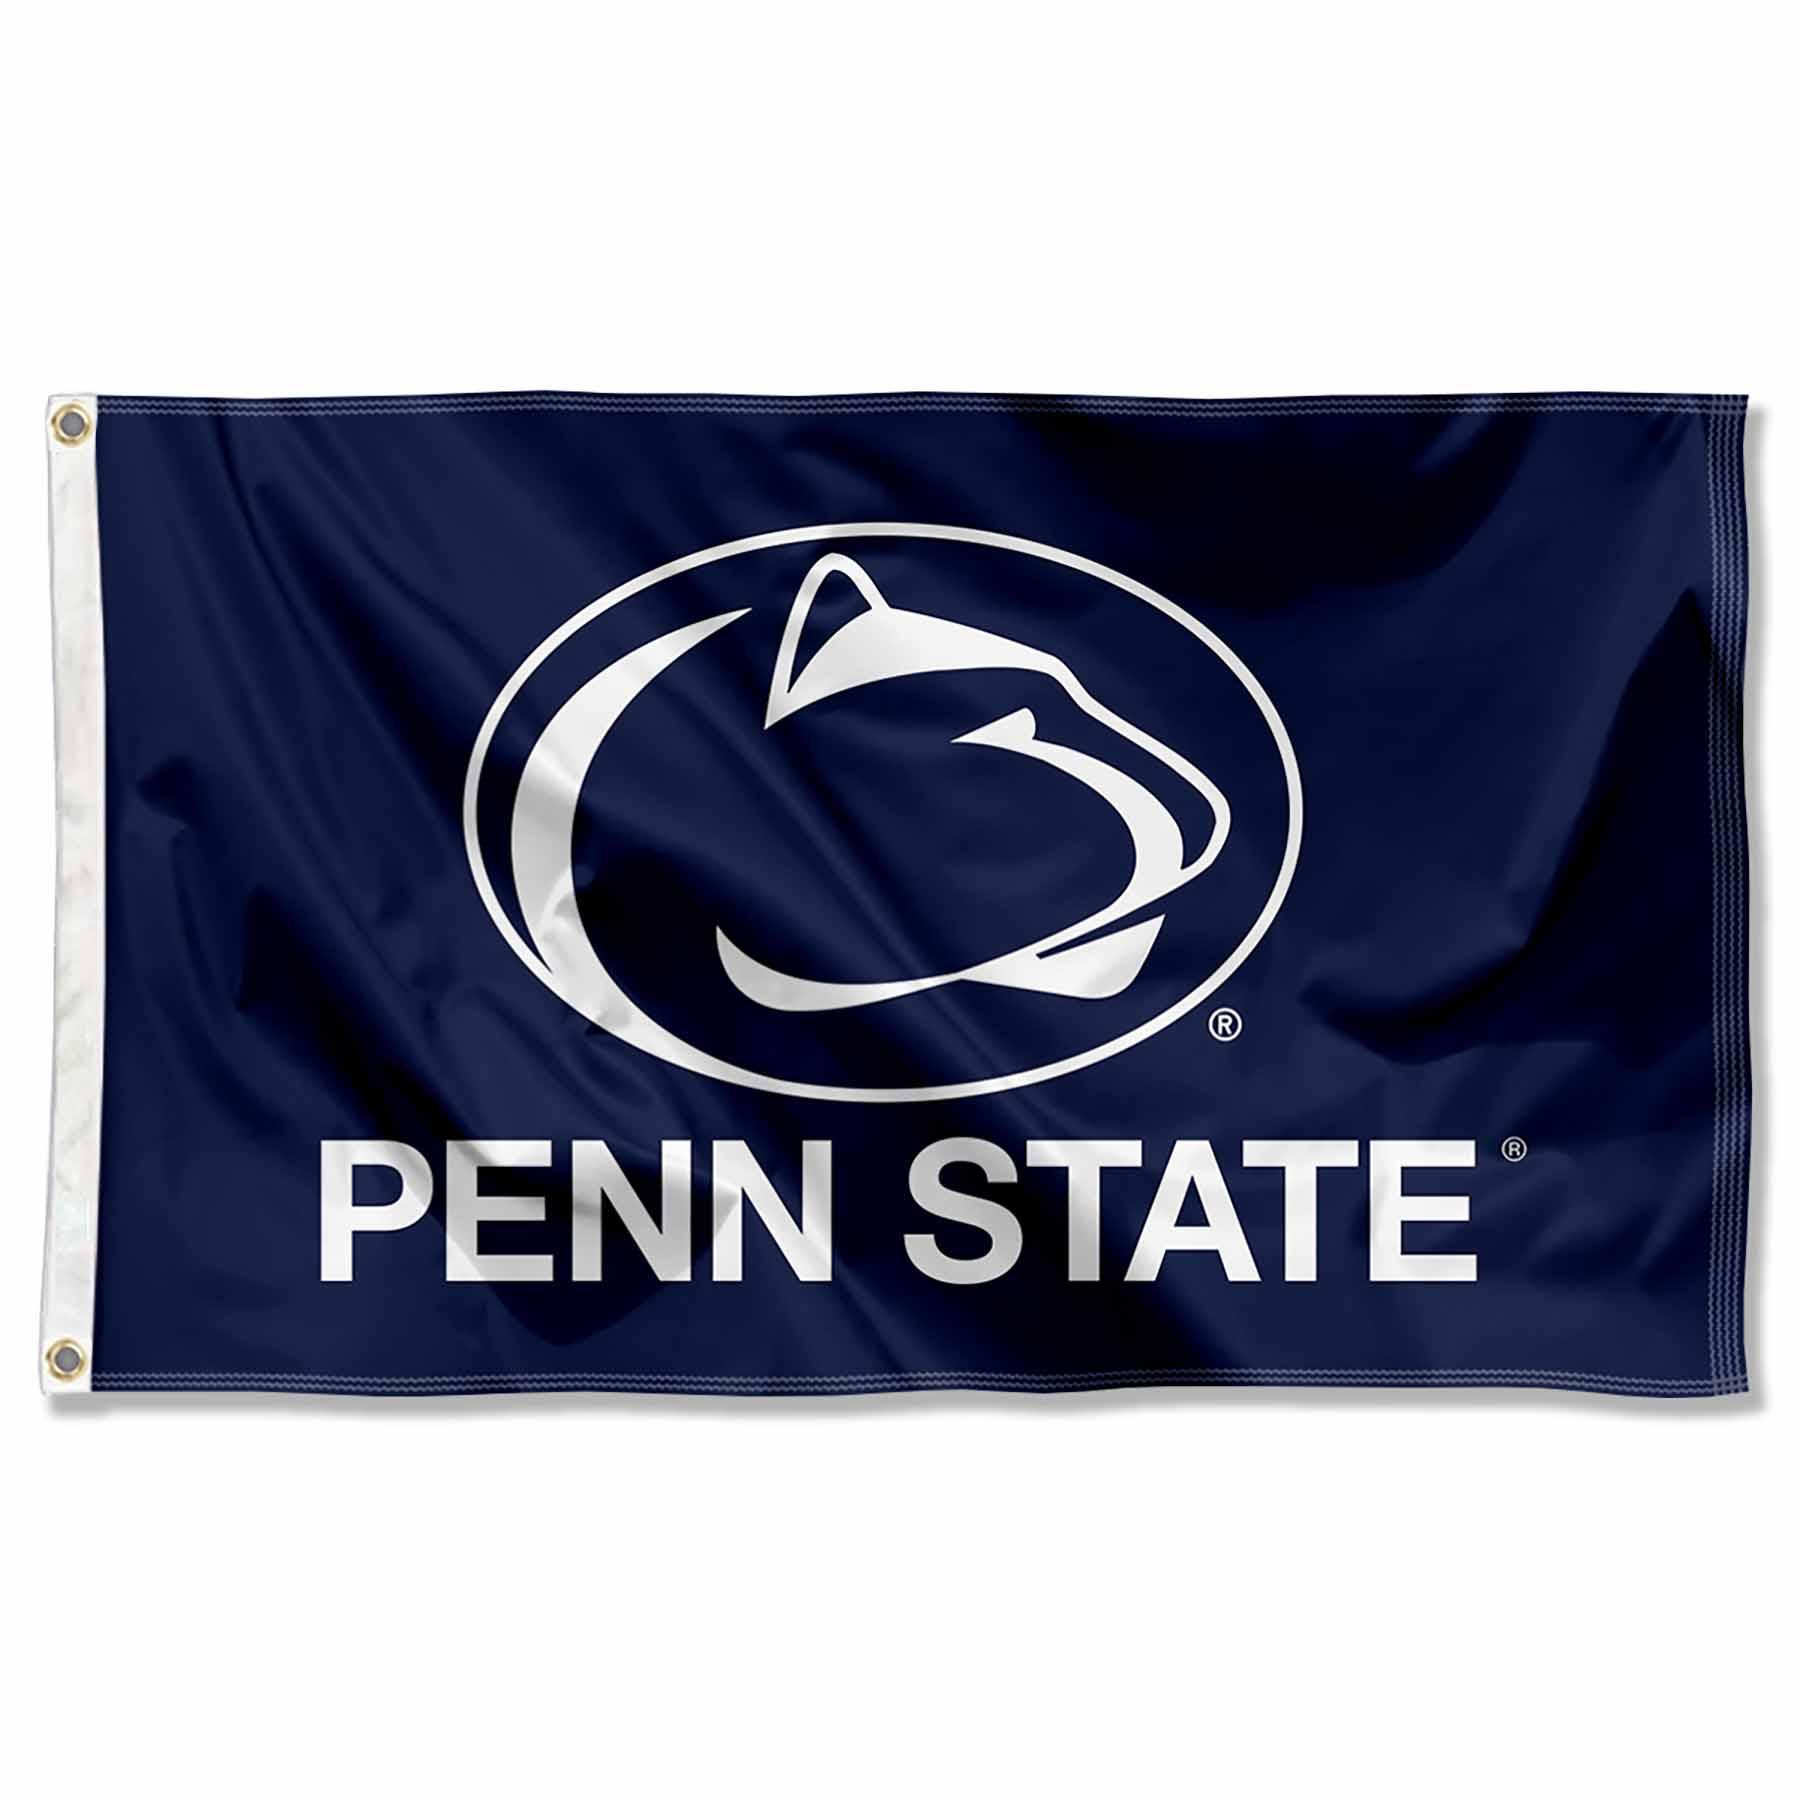 online store 07af0 3edbd Penn State Nittany Lions Flag PSU Blue Large 3x5